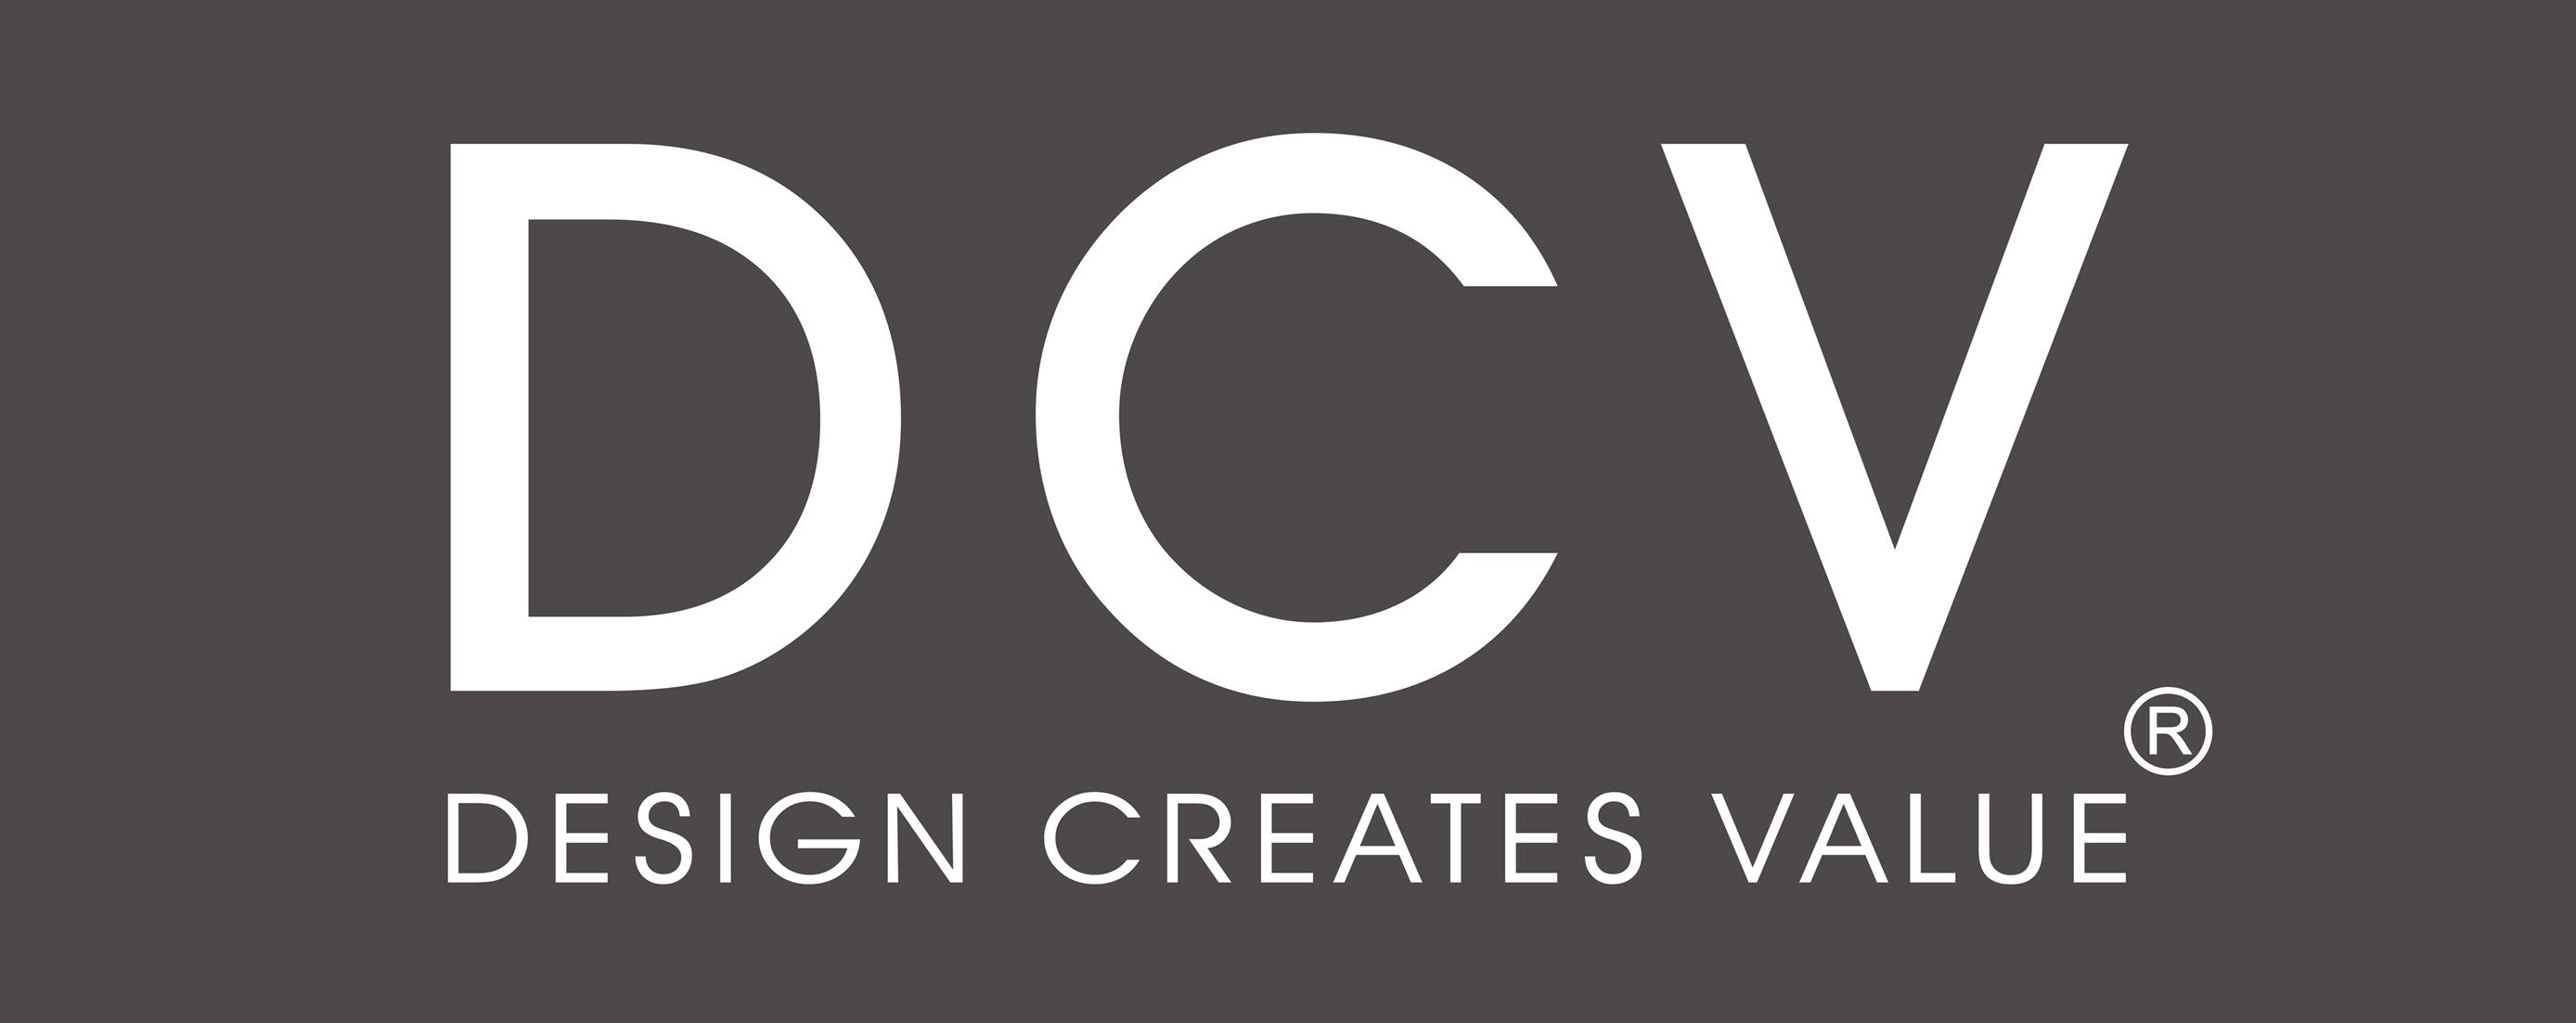 DCV第四维设计